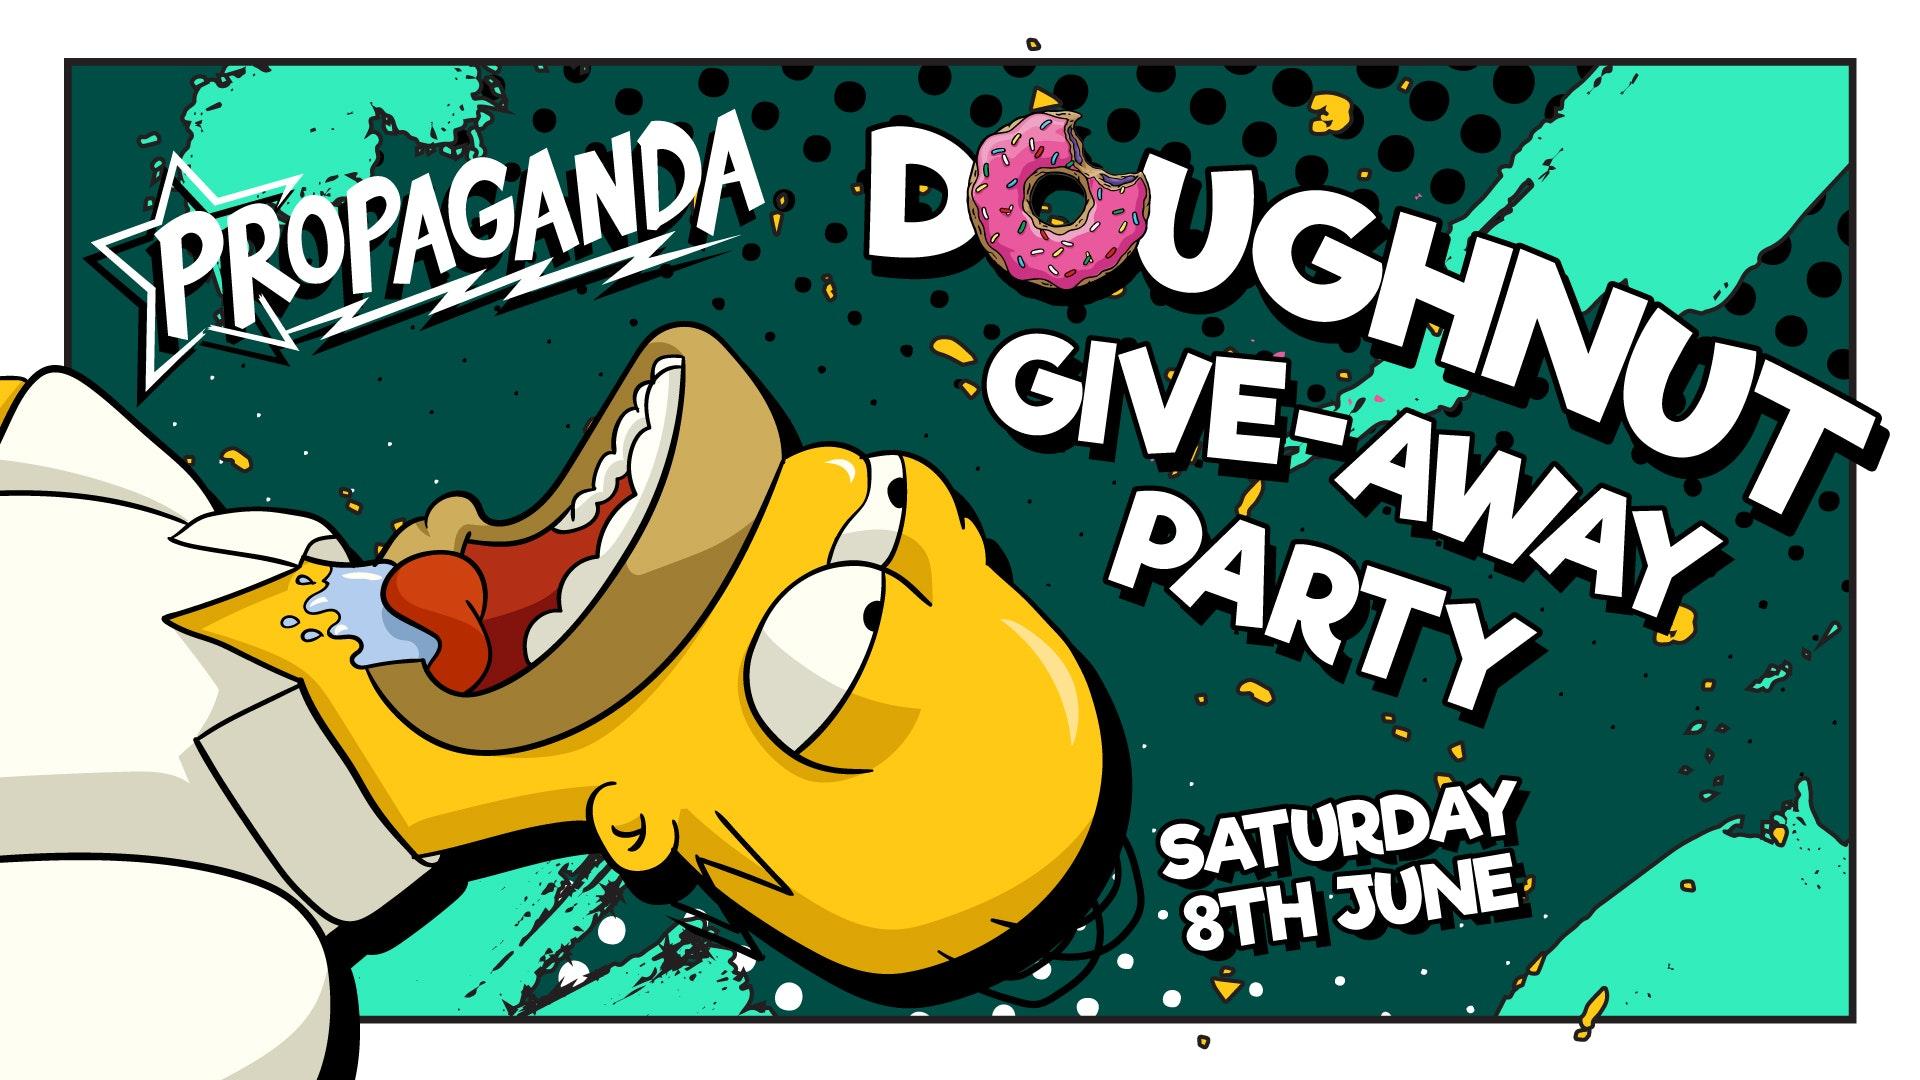 Propaganda Lincoln – Doughnut Party